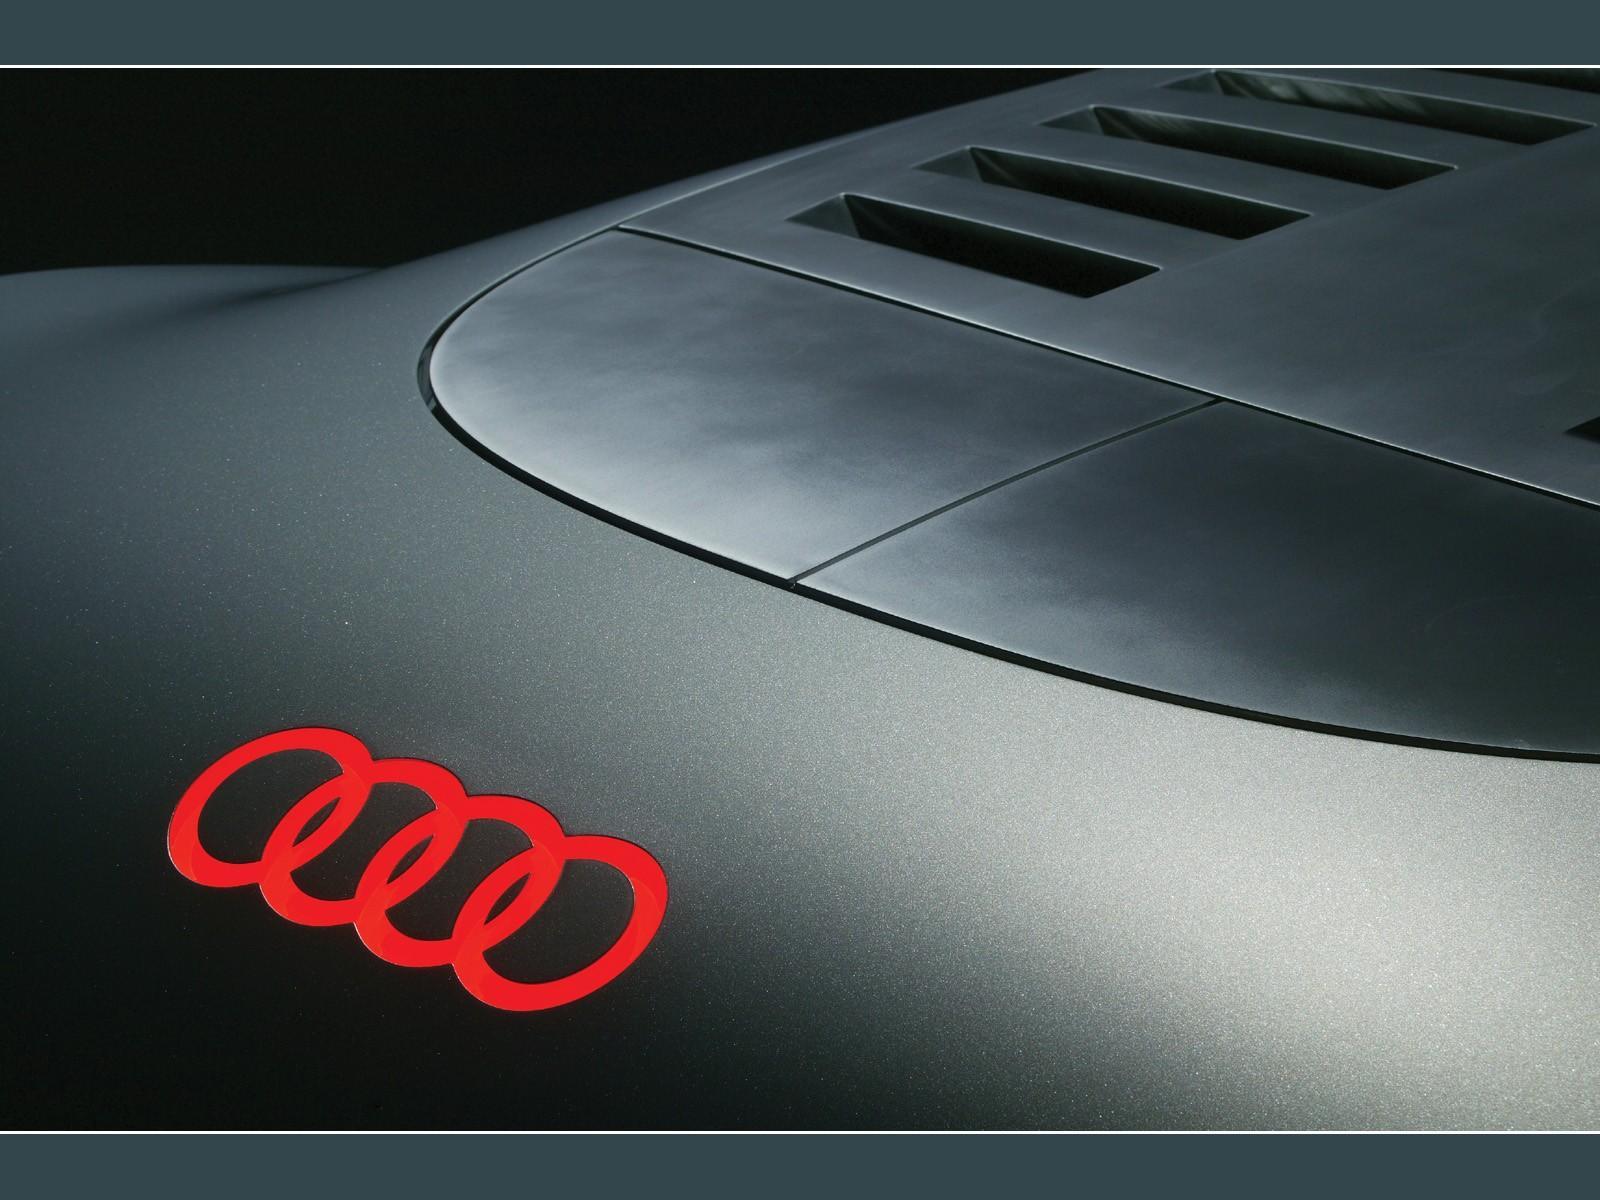 У Audi планы по продажам в Китае к 2023 году выйти на 1,2 млн. автомобилей